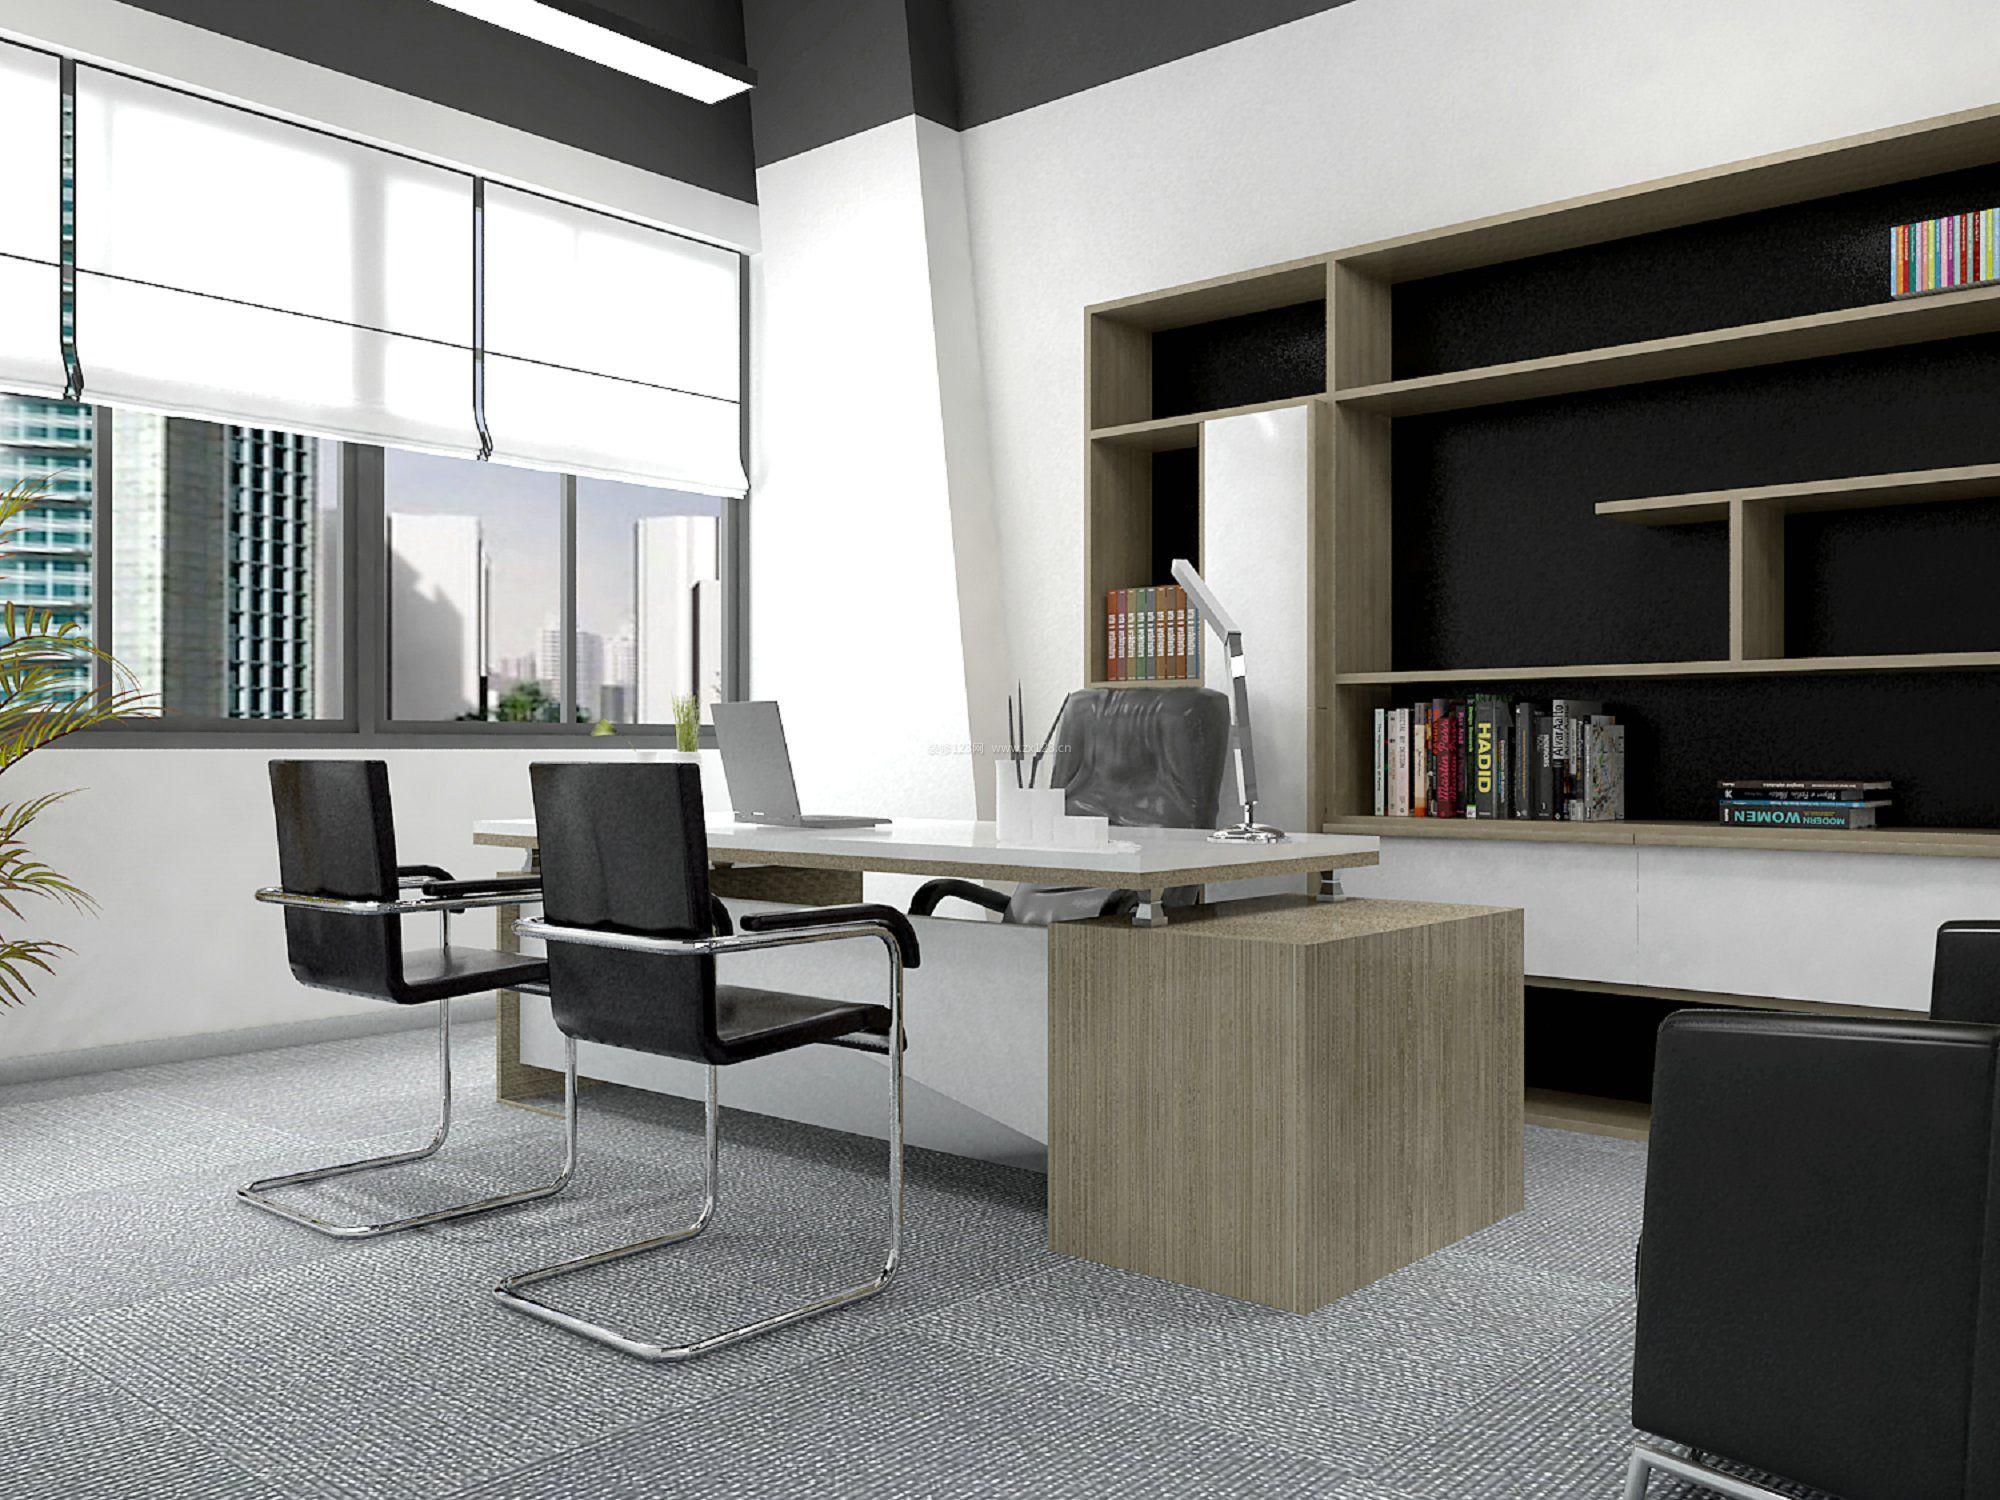 嘉定区曹安公路办公室280平米现代风格